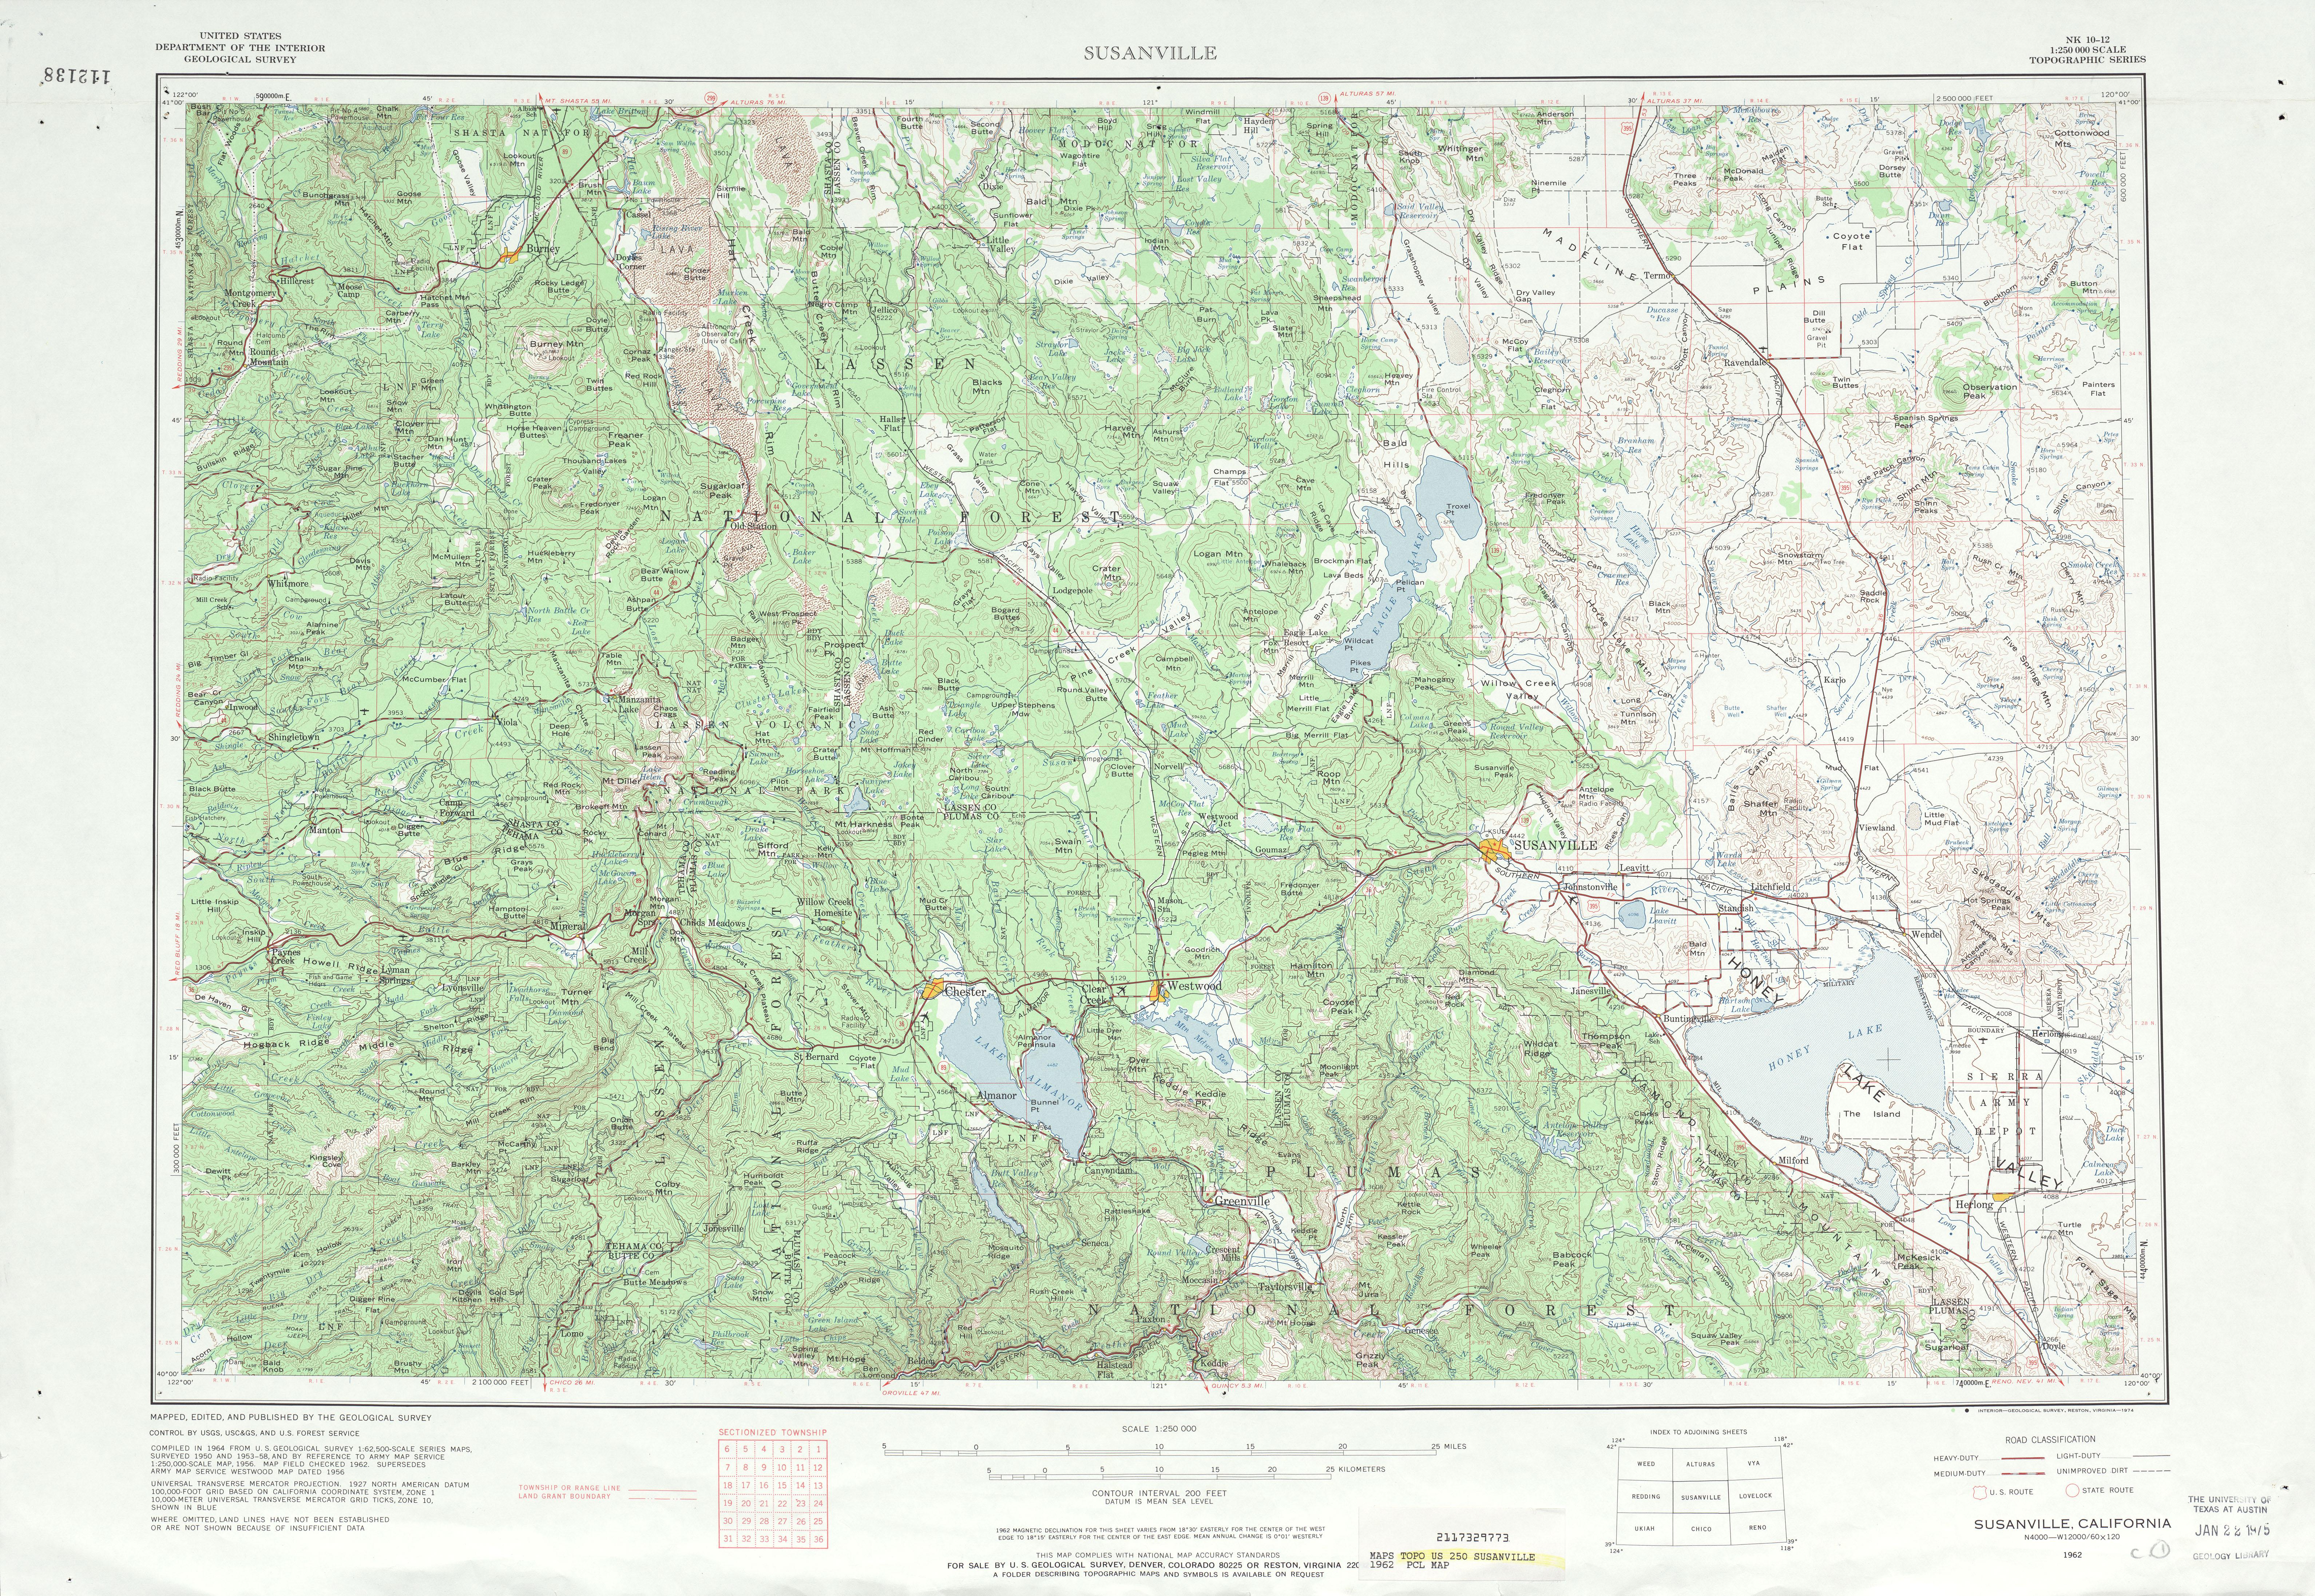 Hoja Susanville del Mapa Topográfico de los Estados Unidos 1962